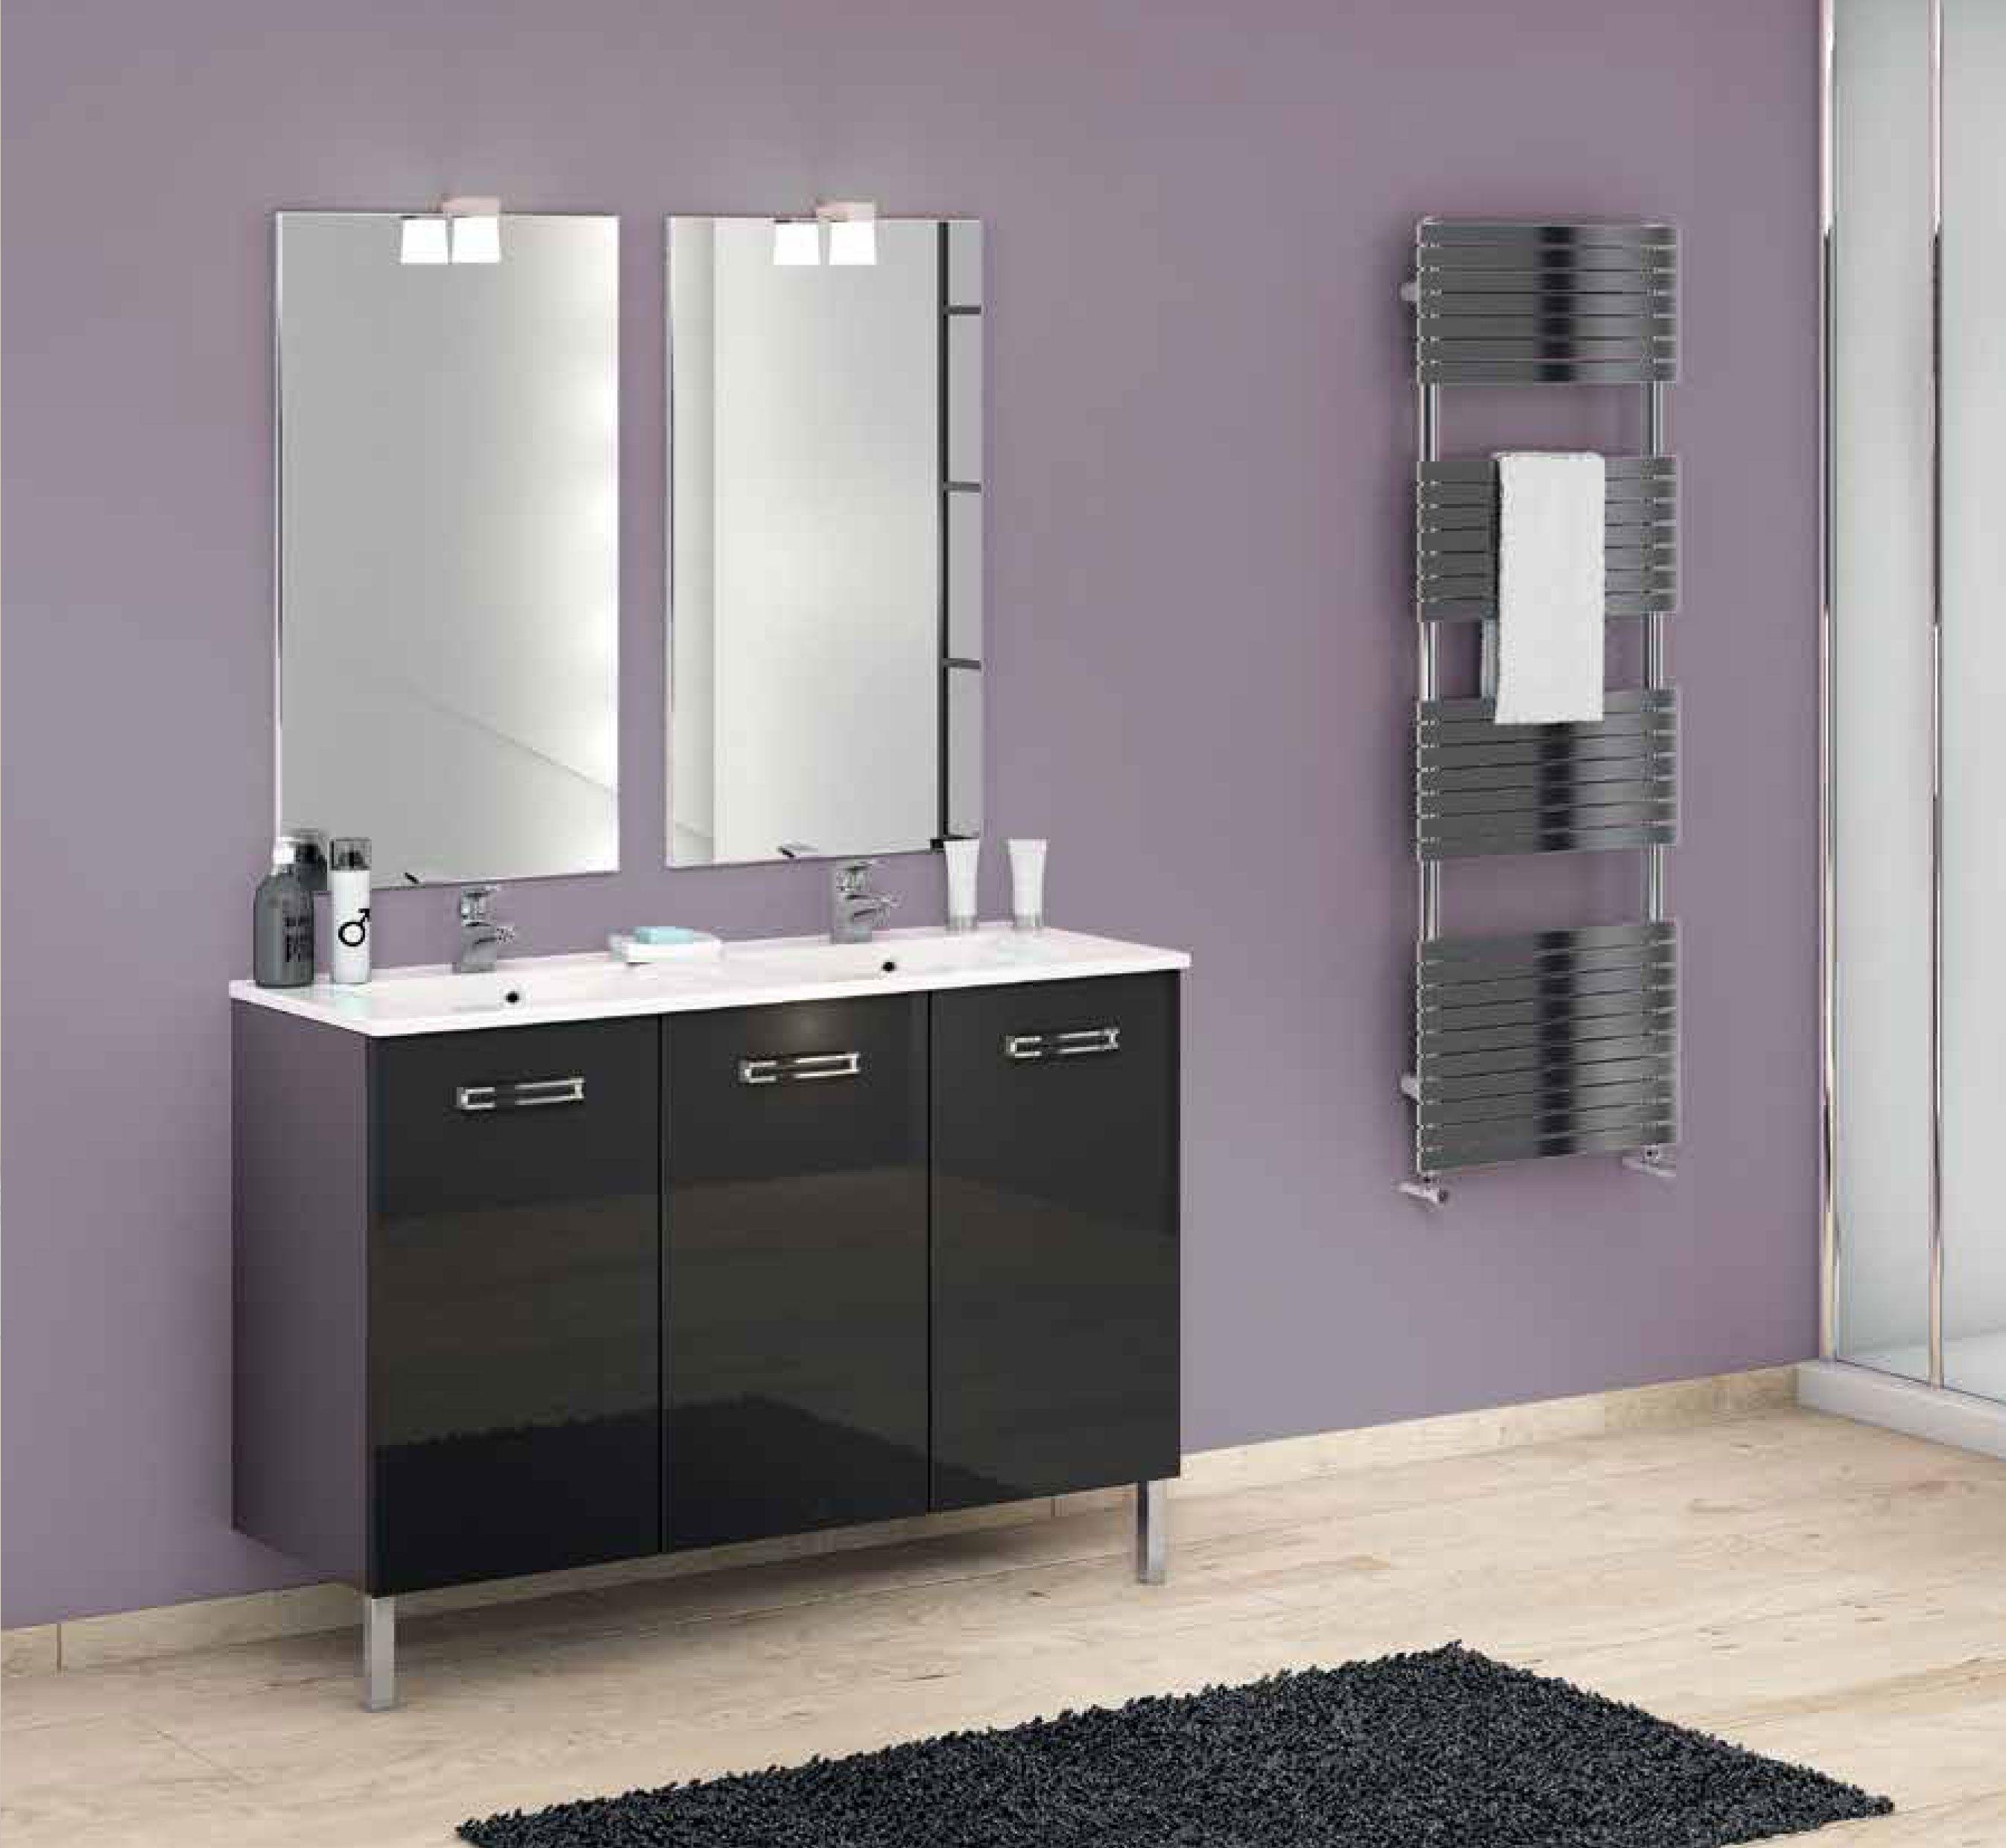 Home depot meuble salle de bain affordable naples blanc for Home depot salle de bain